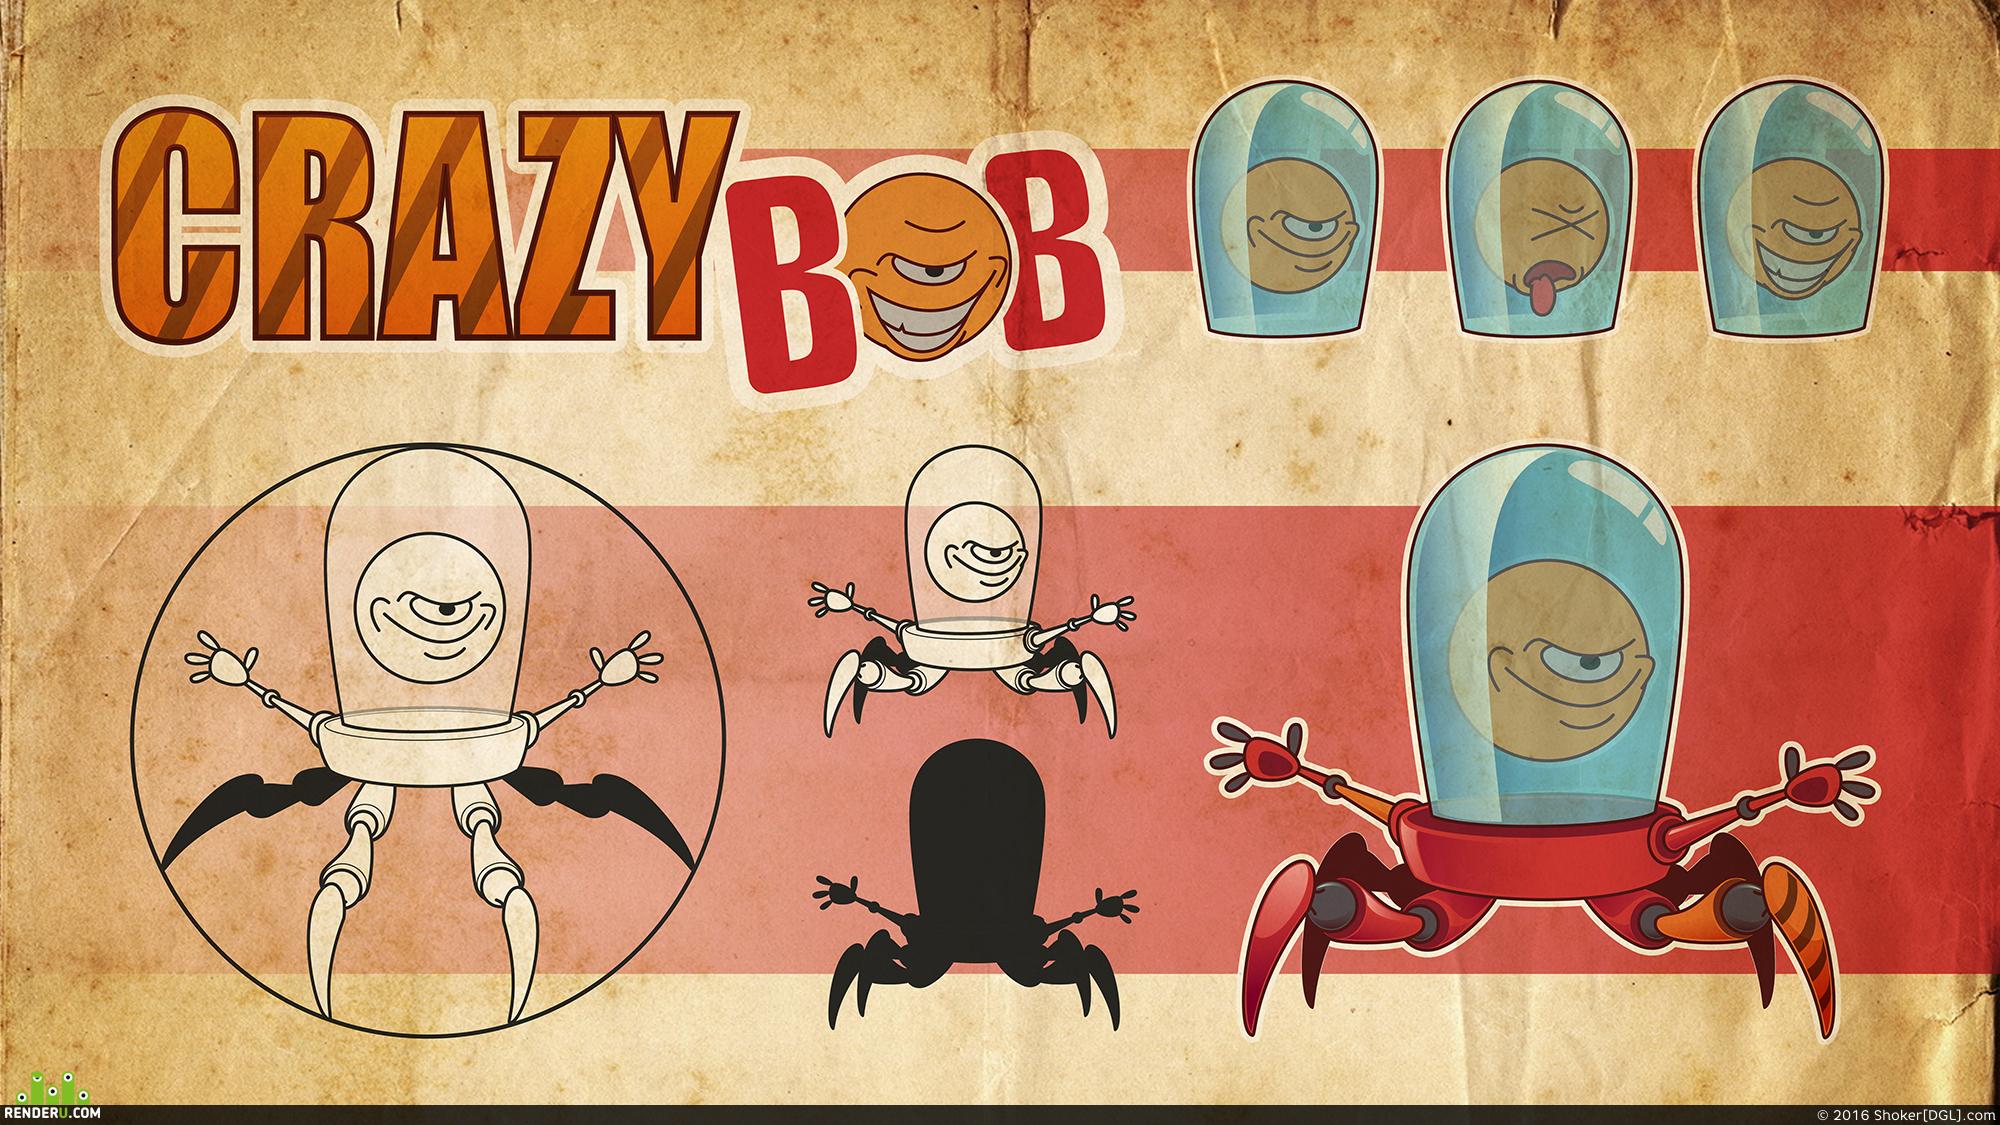 preview CrazyBoB